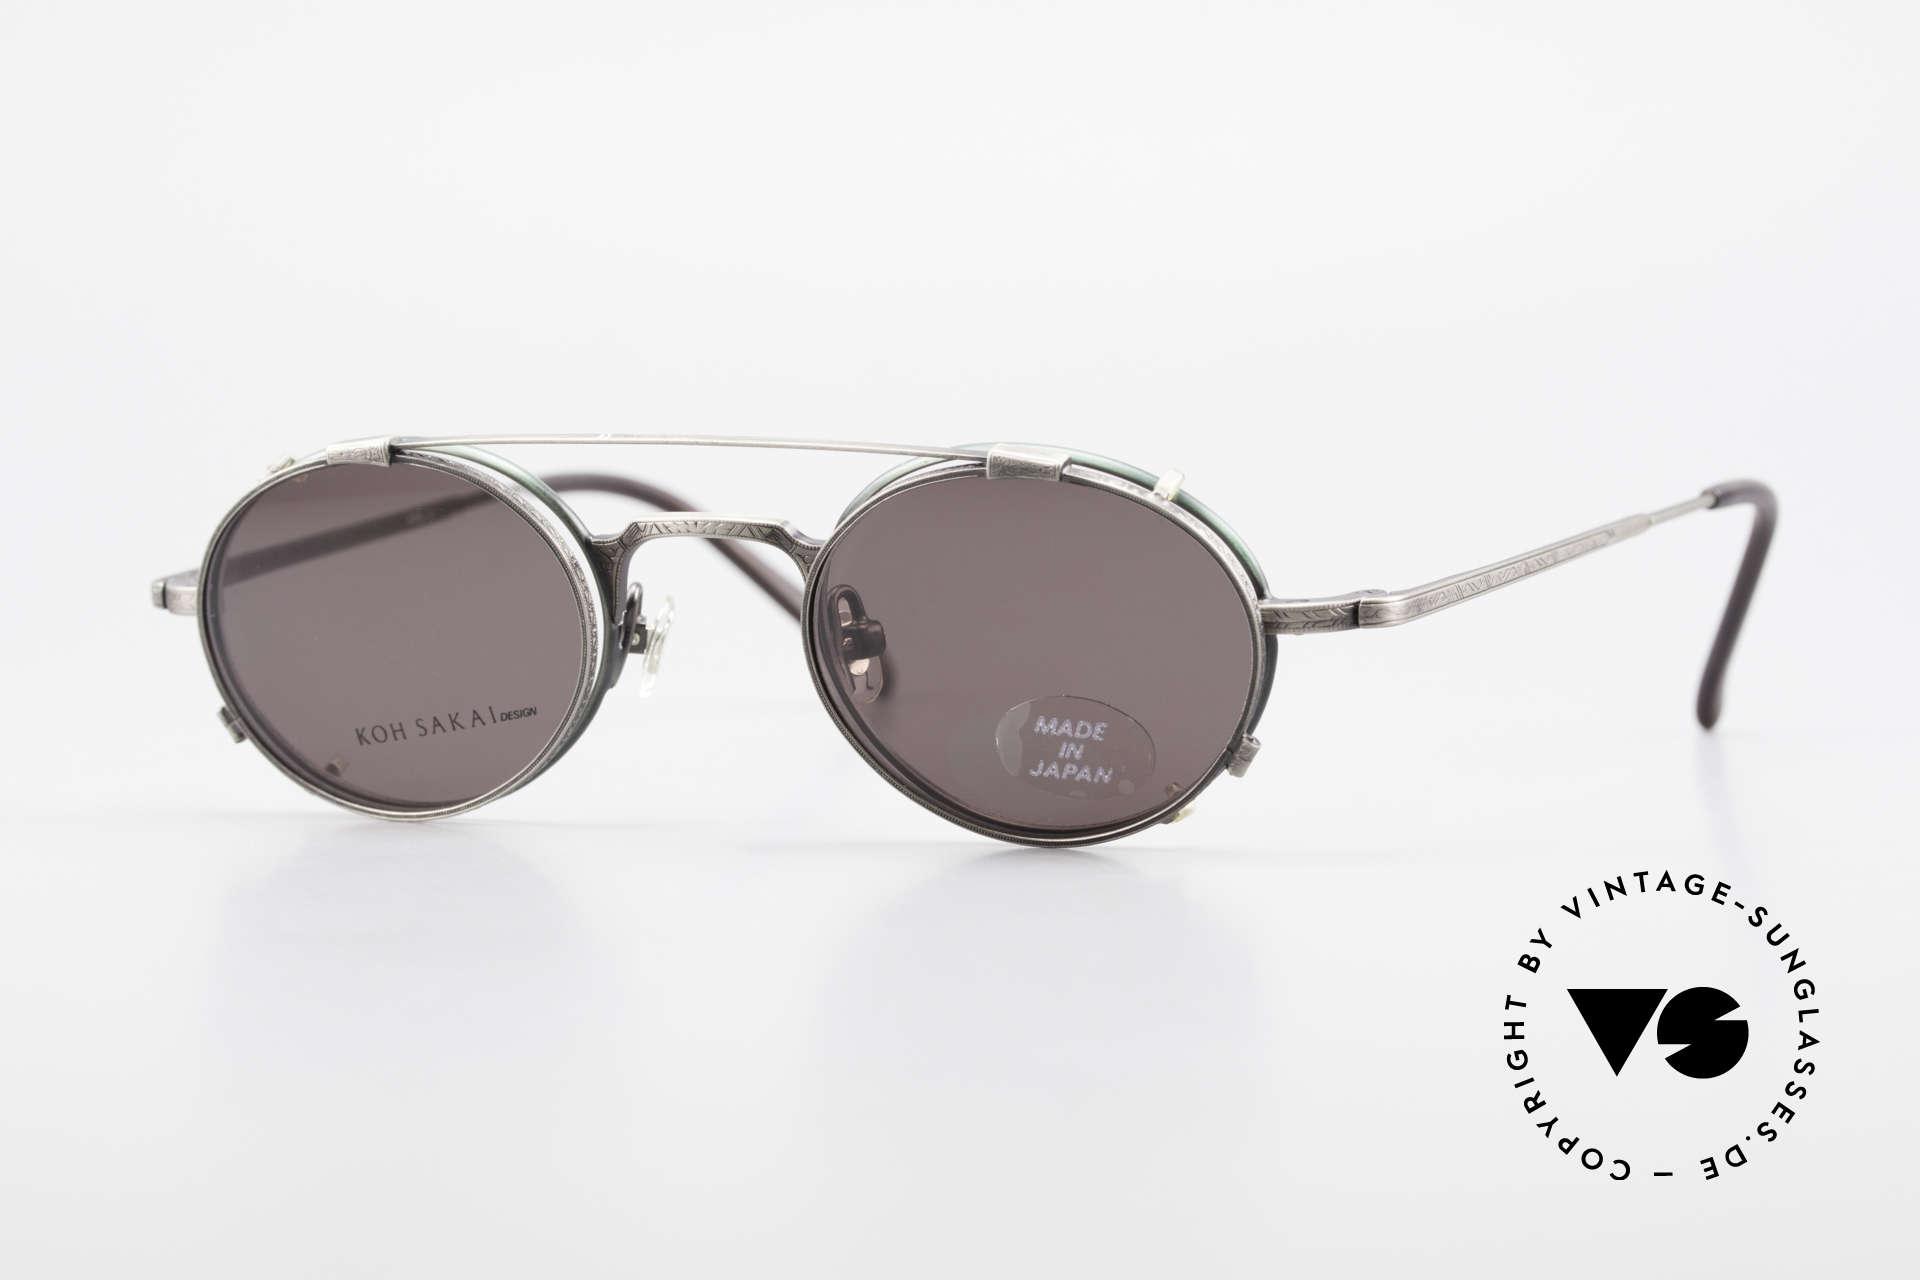 Koh Sakai KS9301 90er Oliver Peoples Eyevan Stil, alte vintage Koh Sakai Brille mit Sonnen-Clip von 1997, Passend für Herren